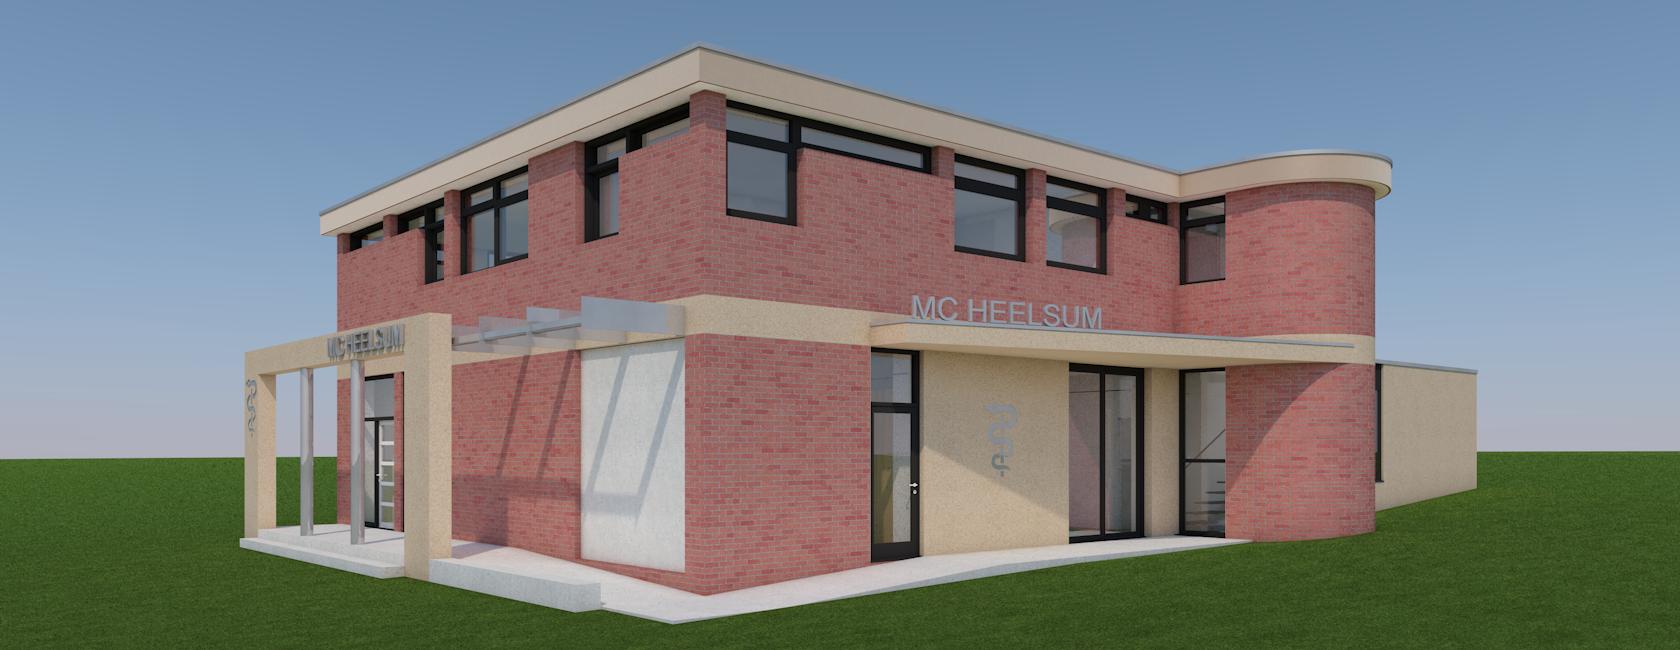 renovatie + uitbreiding MC Heelsum